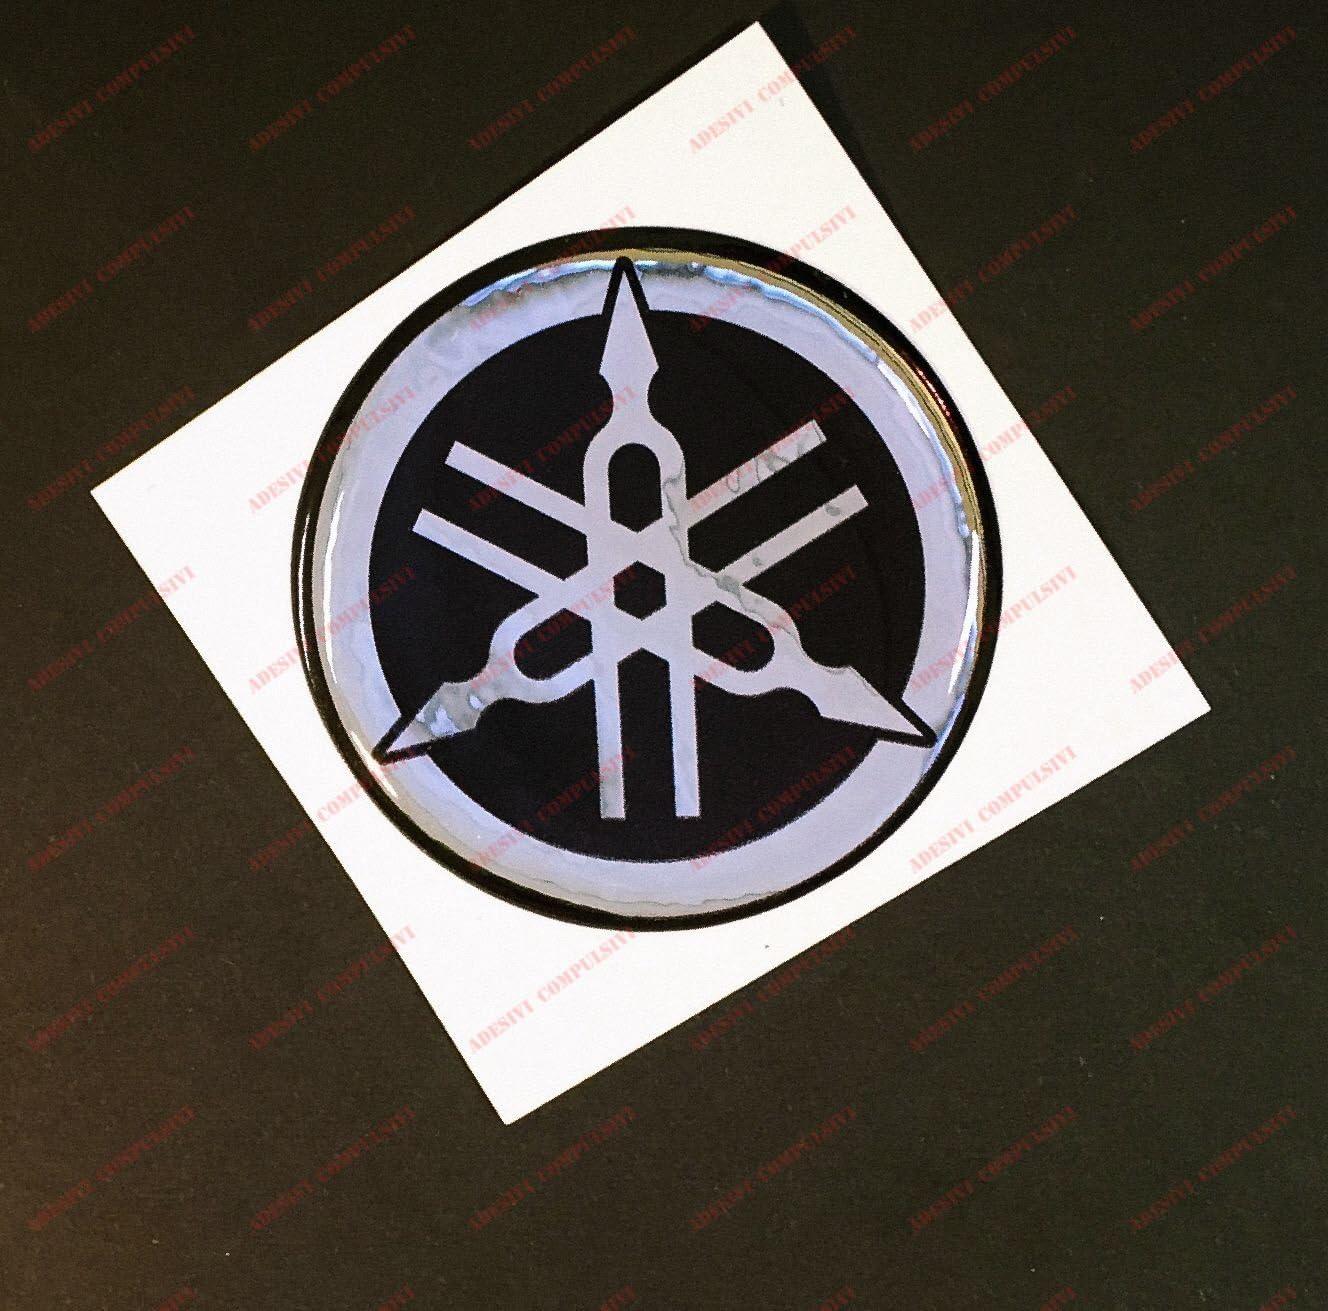 Colore: nero argento effetto 3D Stemma logo decal YAMAHA kit di 4 adesivi resinati Per SERBATOIO o CASCO